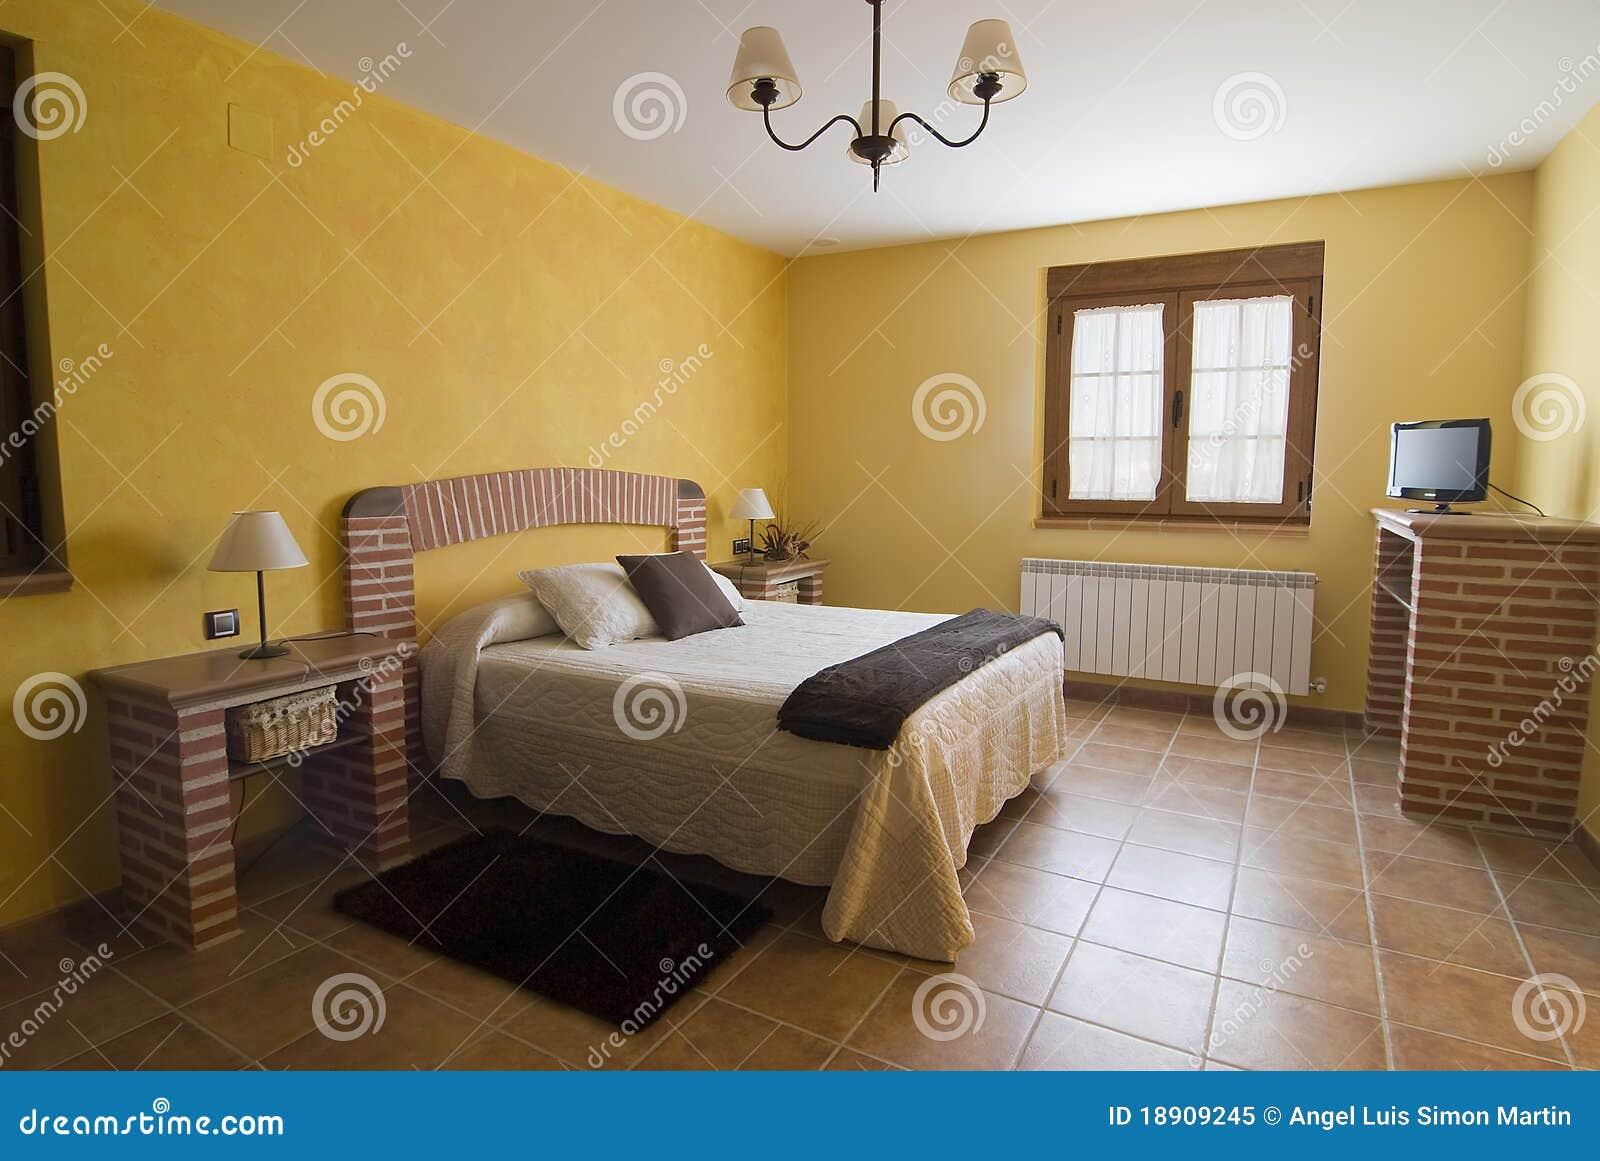 Schlafzimmer Im Gelb Und In Den Ziegelsteinen. Stockbild - Bild von ...